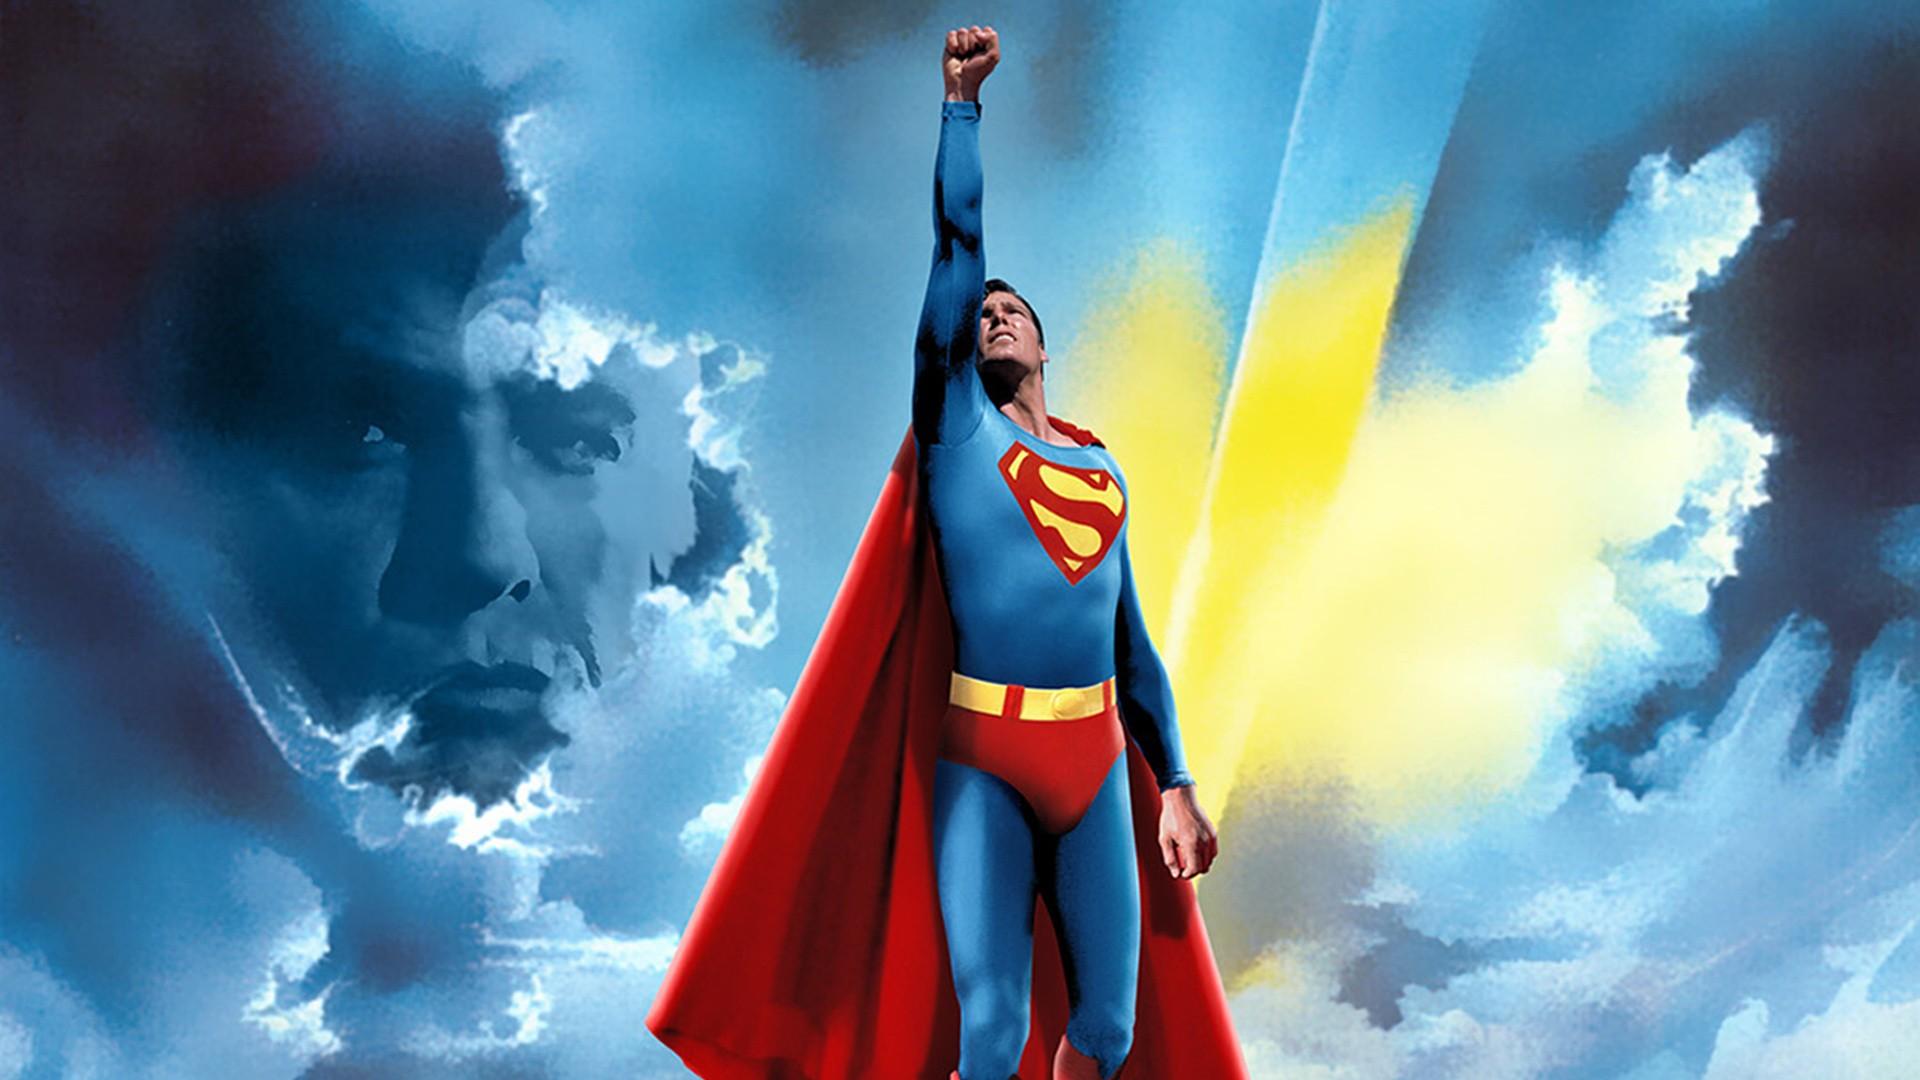 Free Superman Wallpapers For Desktop  WallpaperSafari